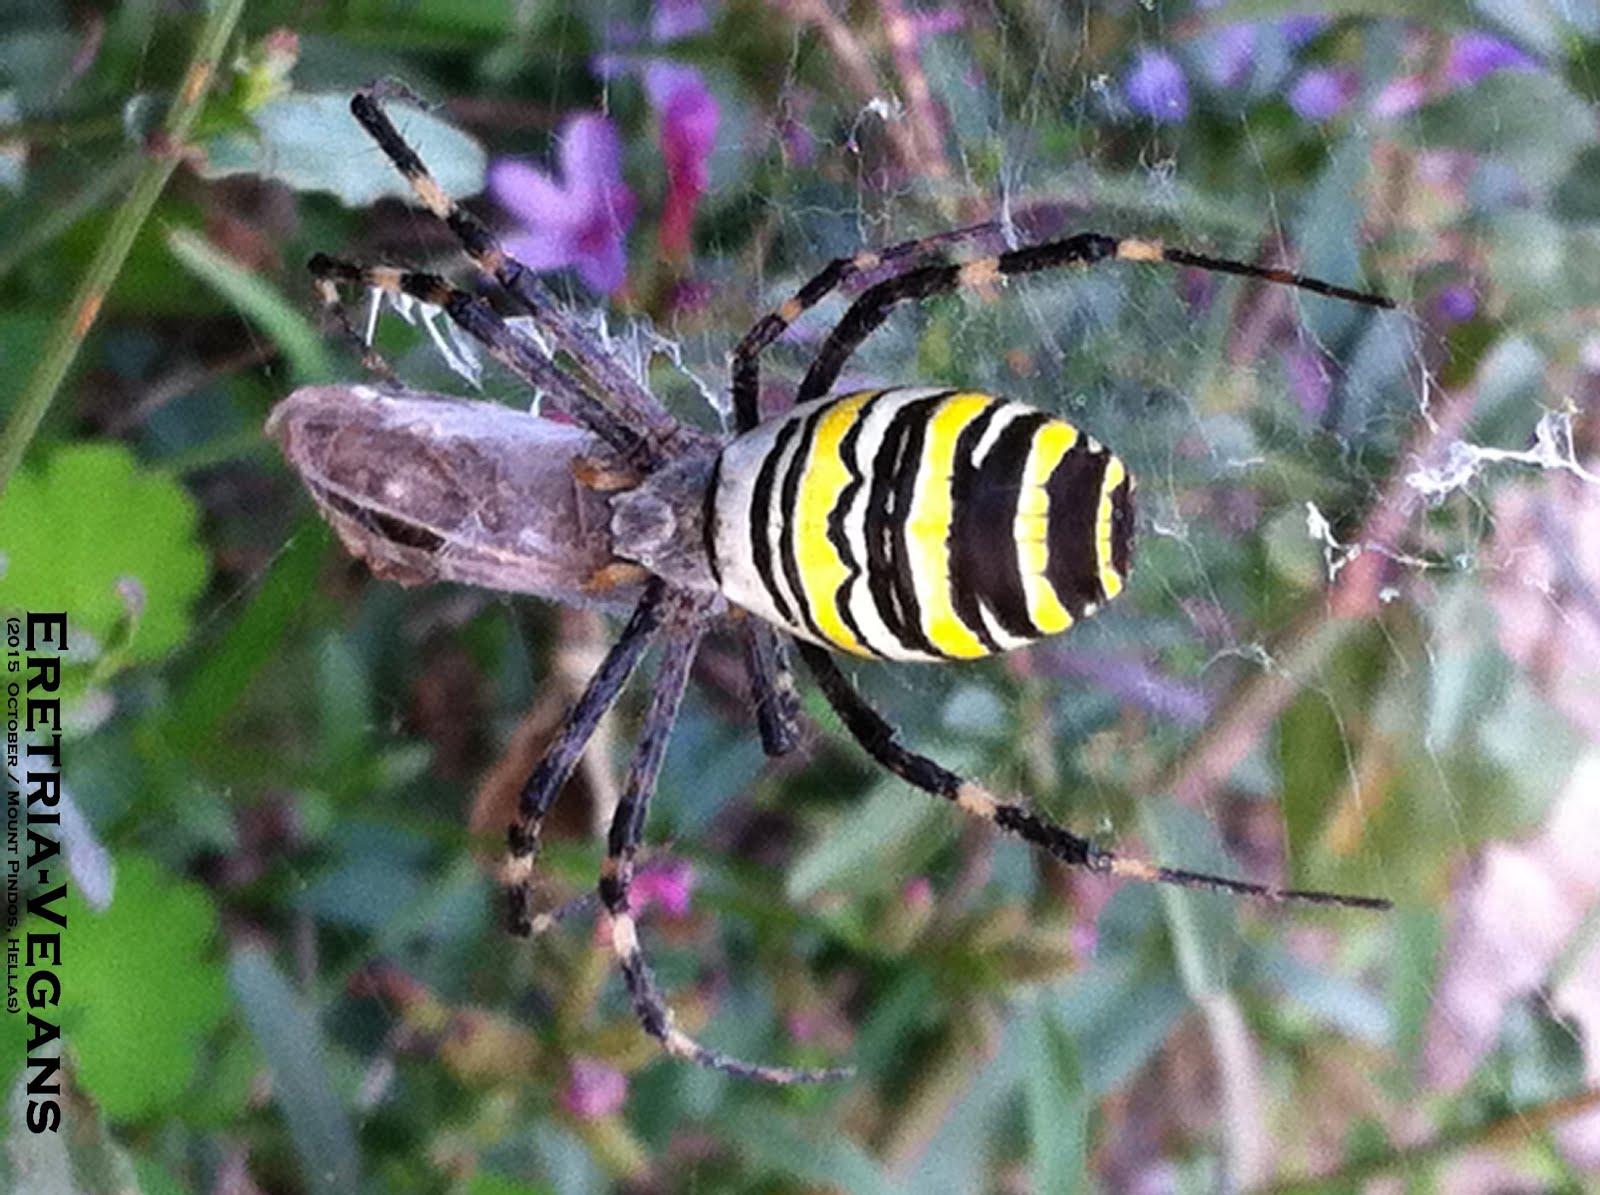 Ελλάδα - Φύση - Βιοποικιλότητα!